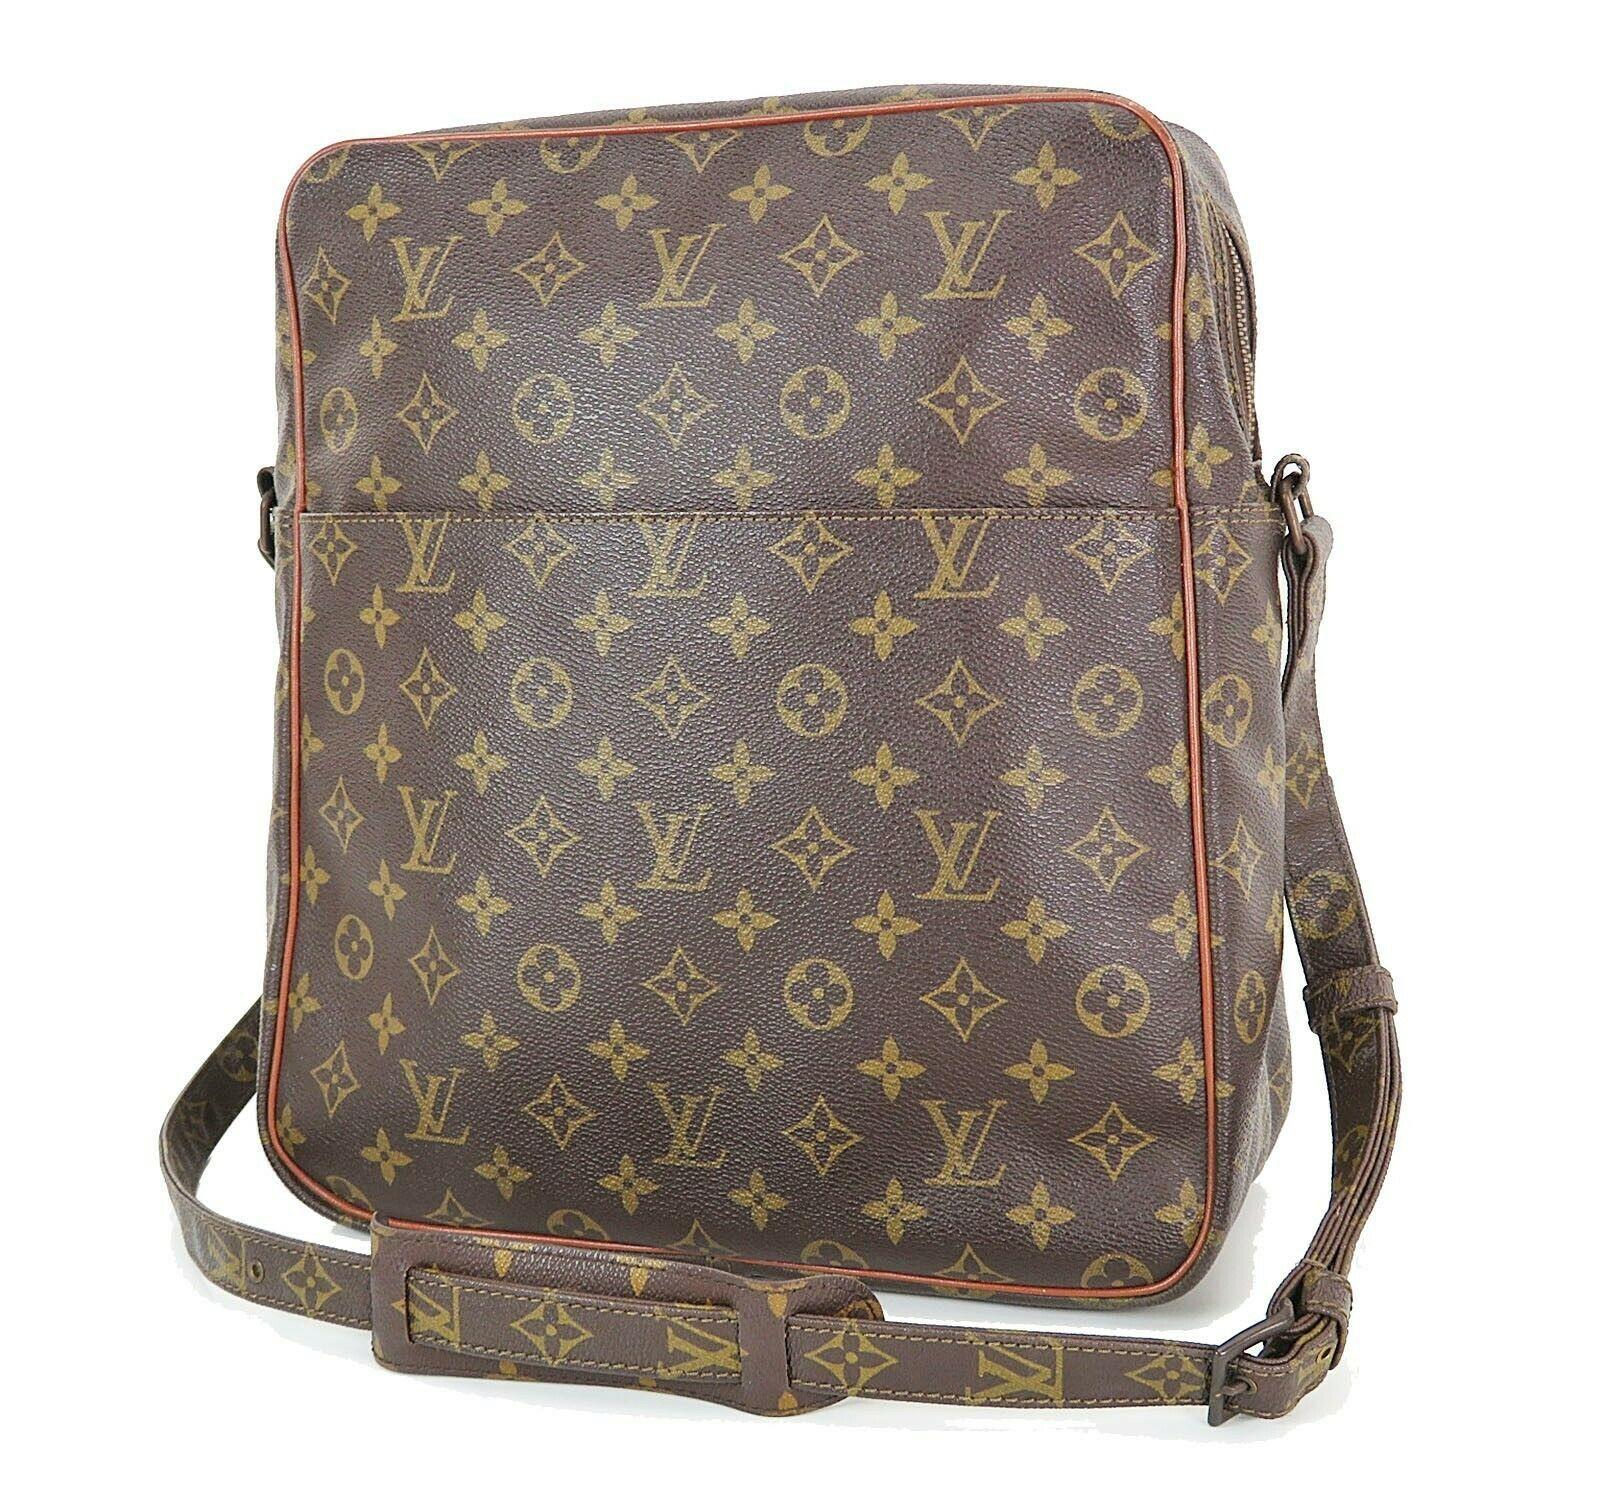 Auth VTG LOUIS VUITTON Marceau Monogram Messenger Shoulder Bag #34998